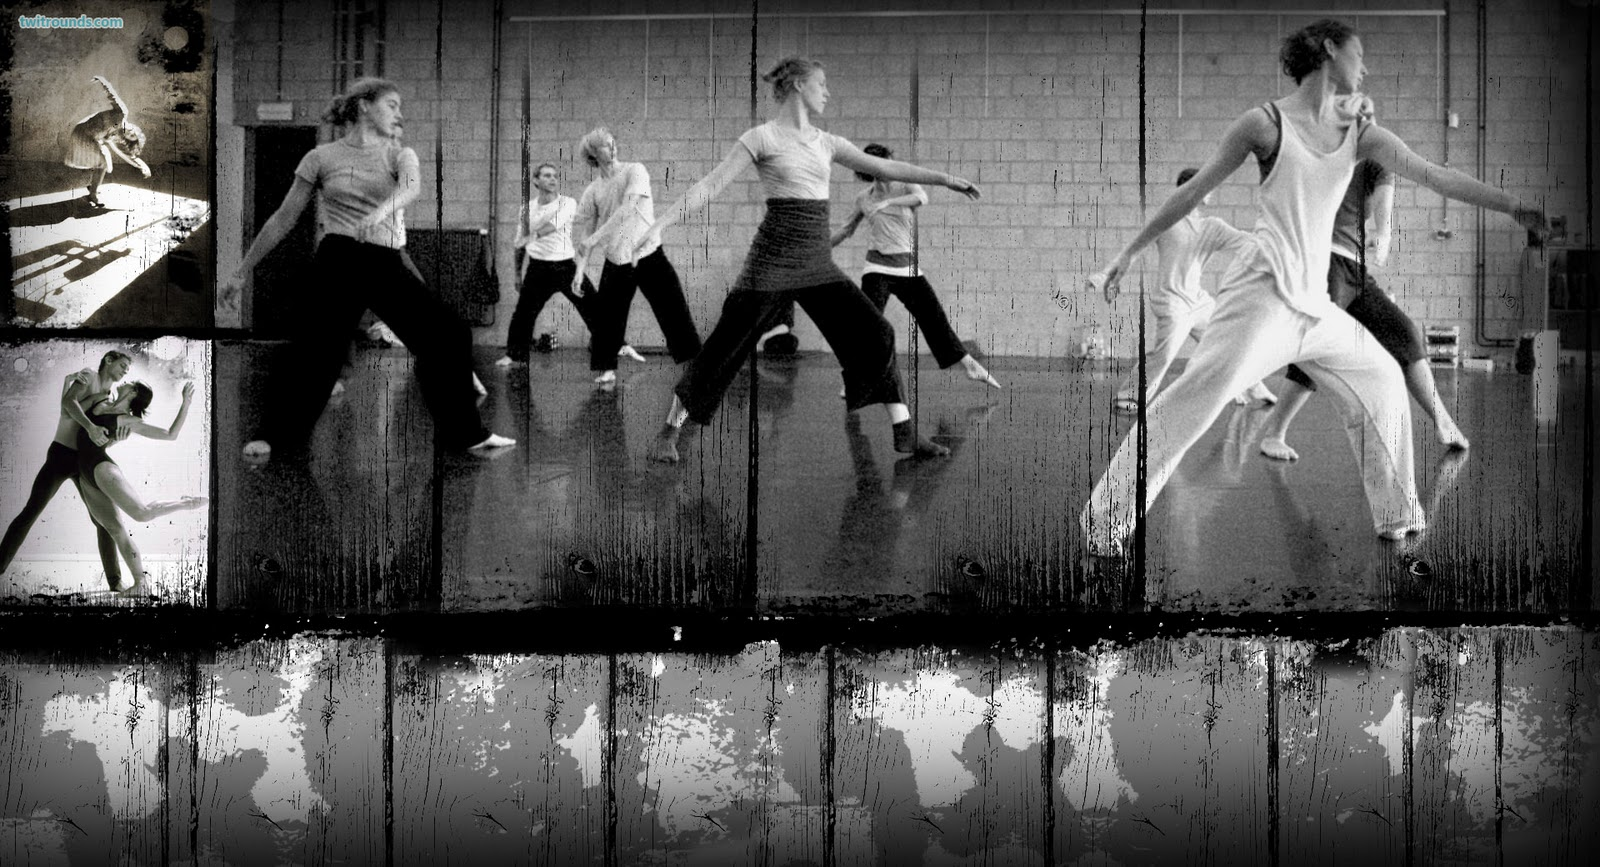 http://4.bp.blogspot.com/_TZRHRheOr9A/TKEgcbjB0RI/AAAAAAAAAAQ/29GuKgrM900/s1600/modern-dance.jpg